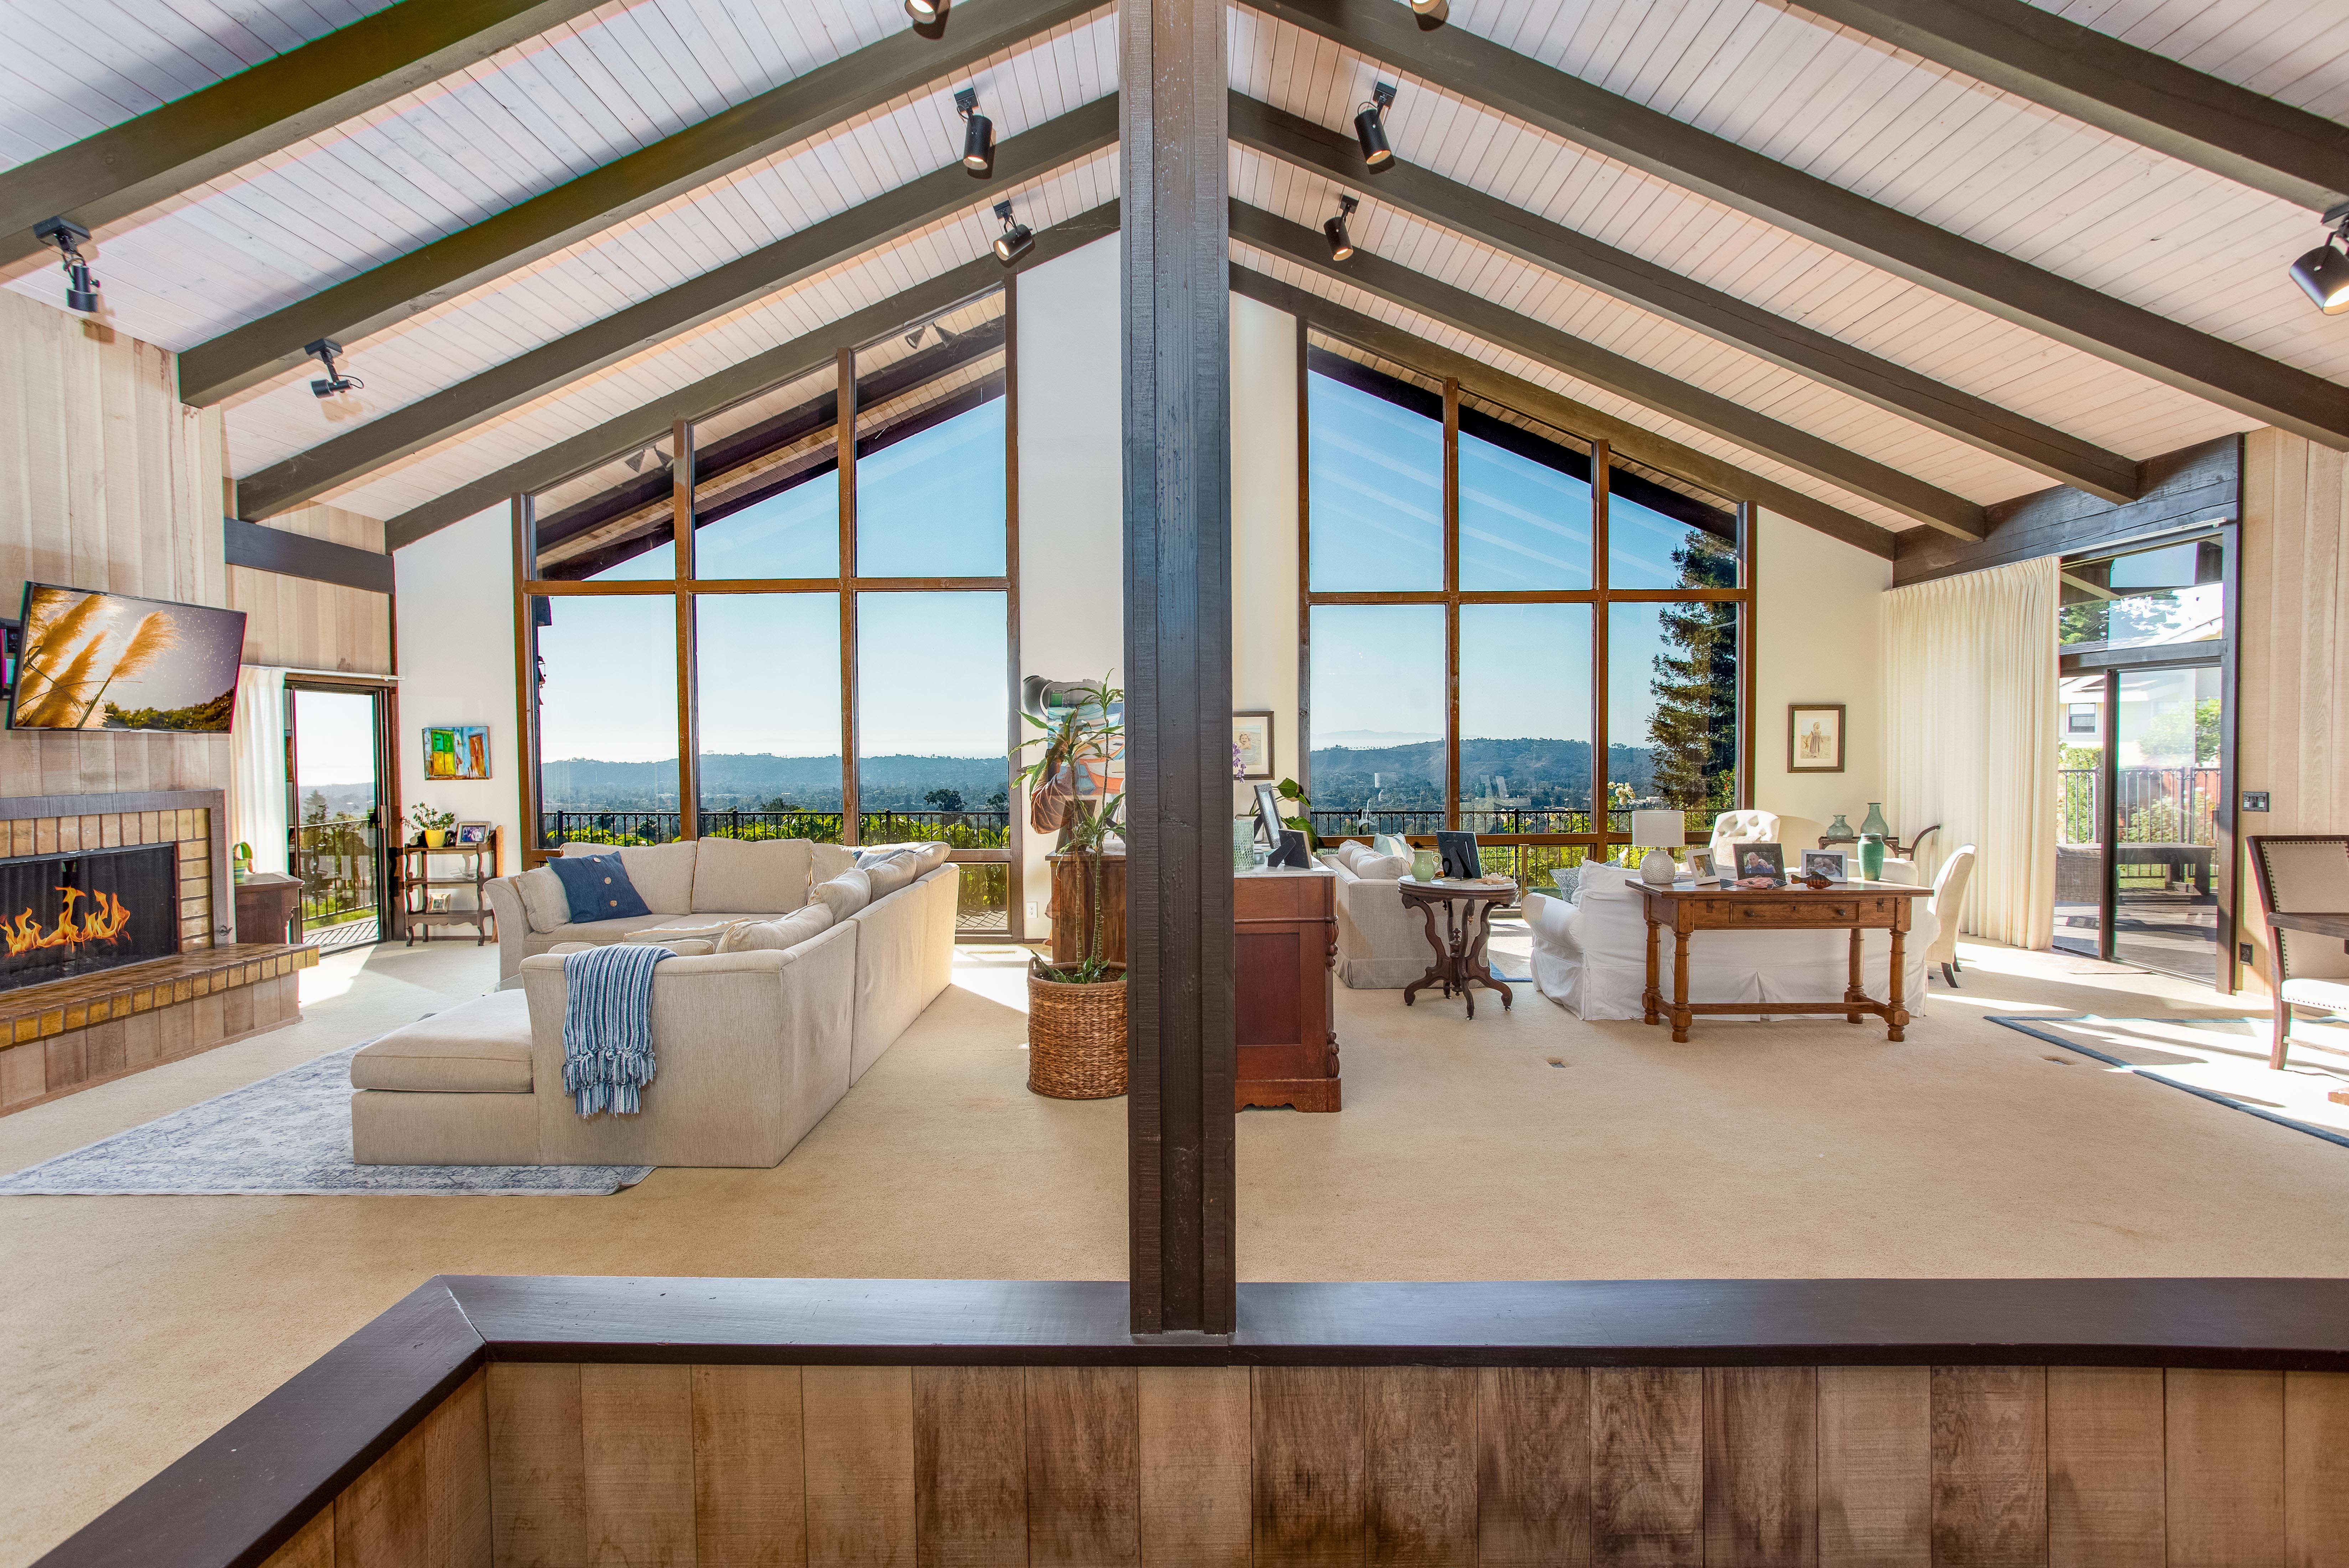 living room inside 25 Santa Teresita Way in santa barbara